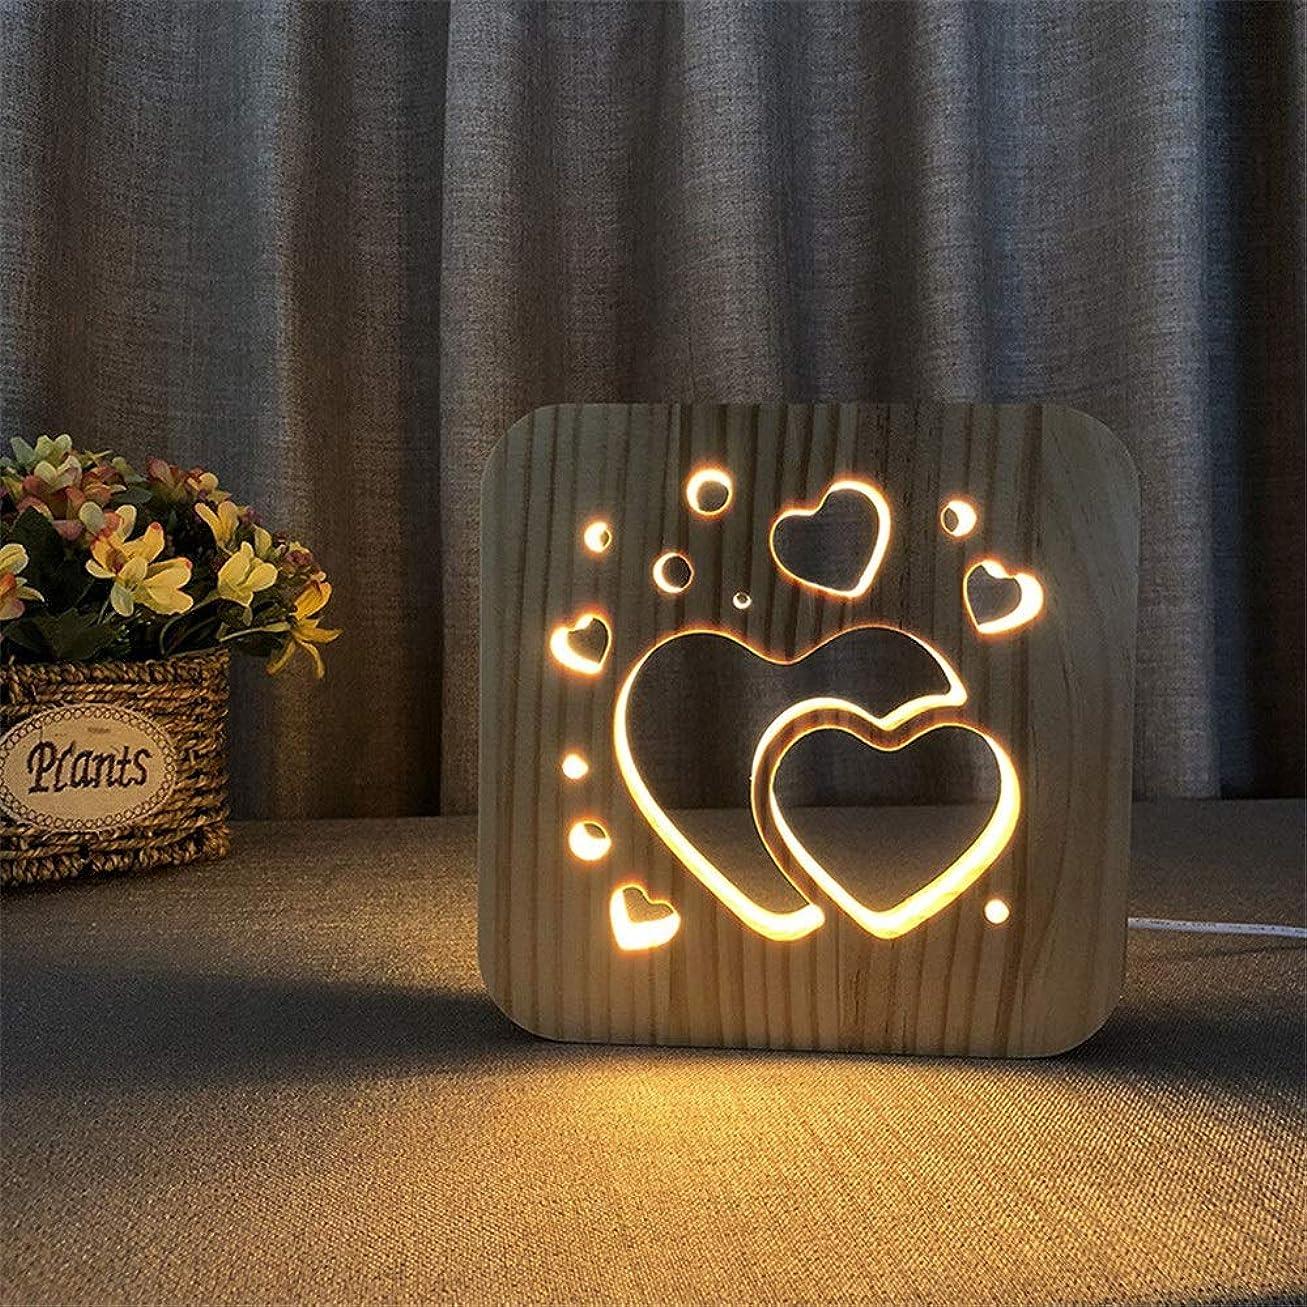 カフェ原子資格保育園用ナイトライト 子供の大人のホームデコレーションUSB電源スイッチボタンの母の日のギフト3Dファントムナイトライトのためのシンプルな彫刻ハーツ3DイリュージョンLEDランプキッズルームソリッドウッド常夜灯ベッドルームオフィスのデスクランプ (色 : Wood, サイズ : 190*190*30mm)